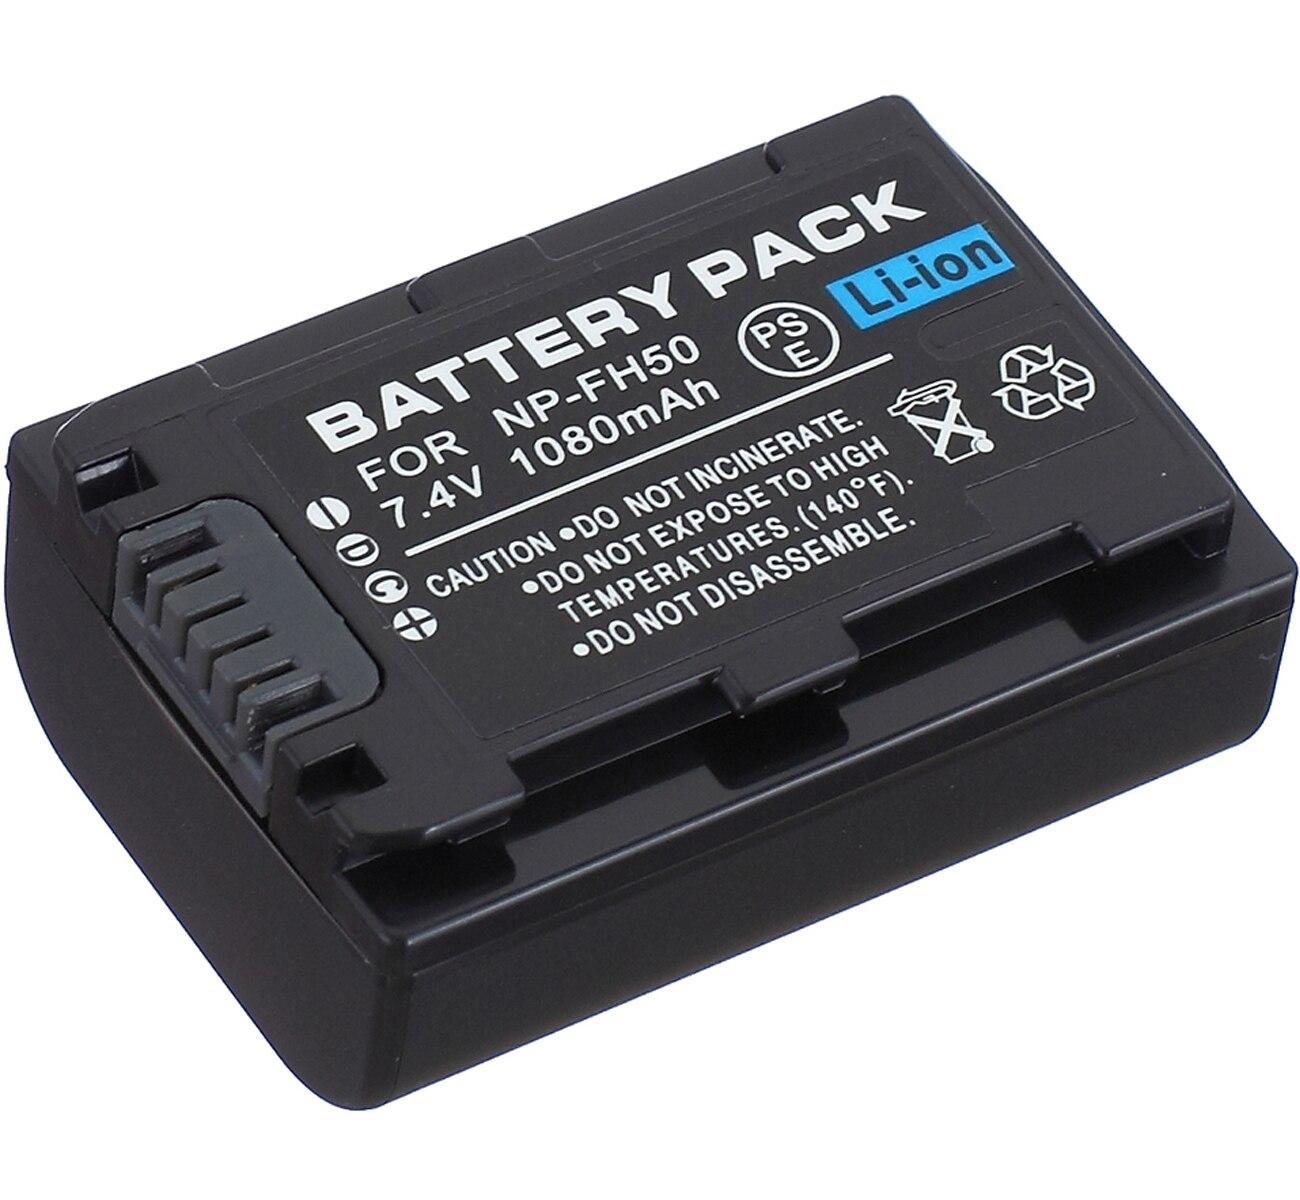 DCR-SR62E DCR-SR55E LCD USB Battery Charger for Sony DCR-SR52E DCR-SR65E DCR-SR57E DCR-SR67E Handycam Camcorder